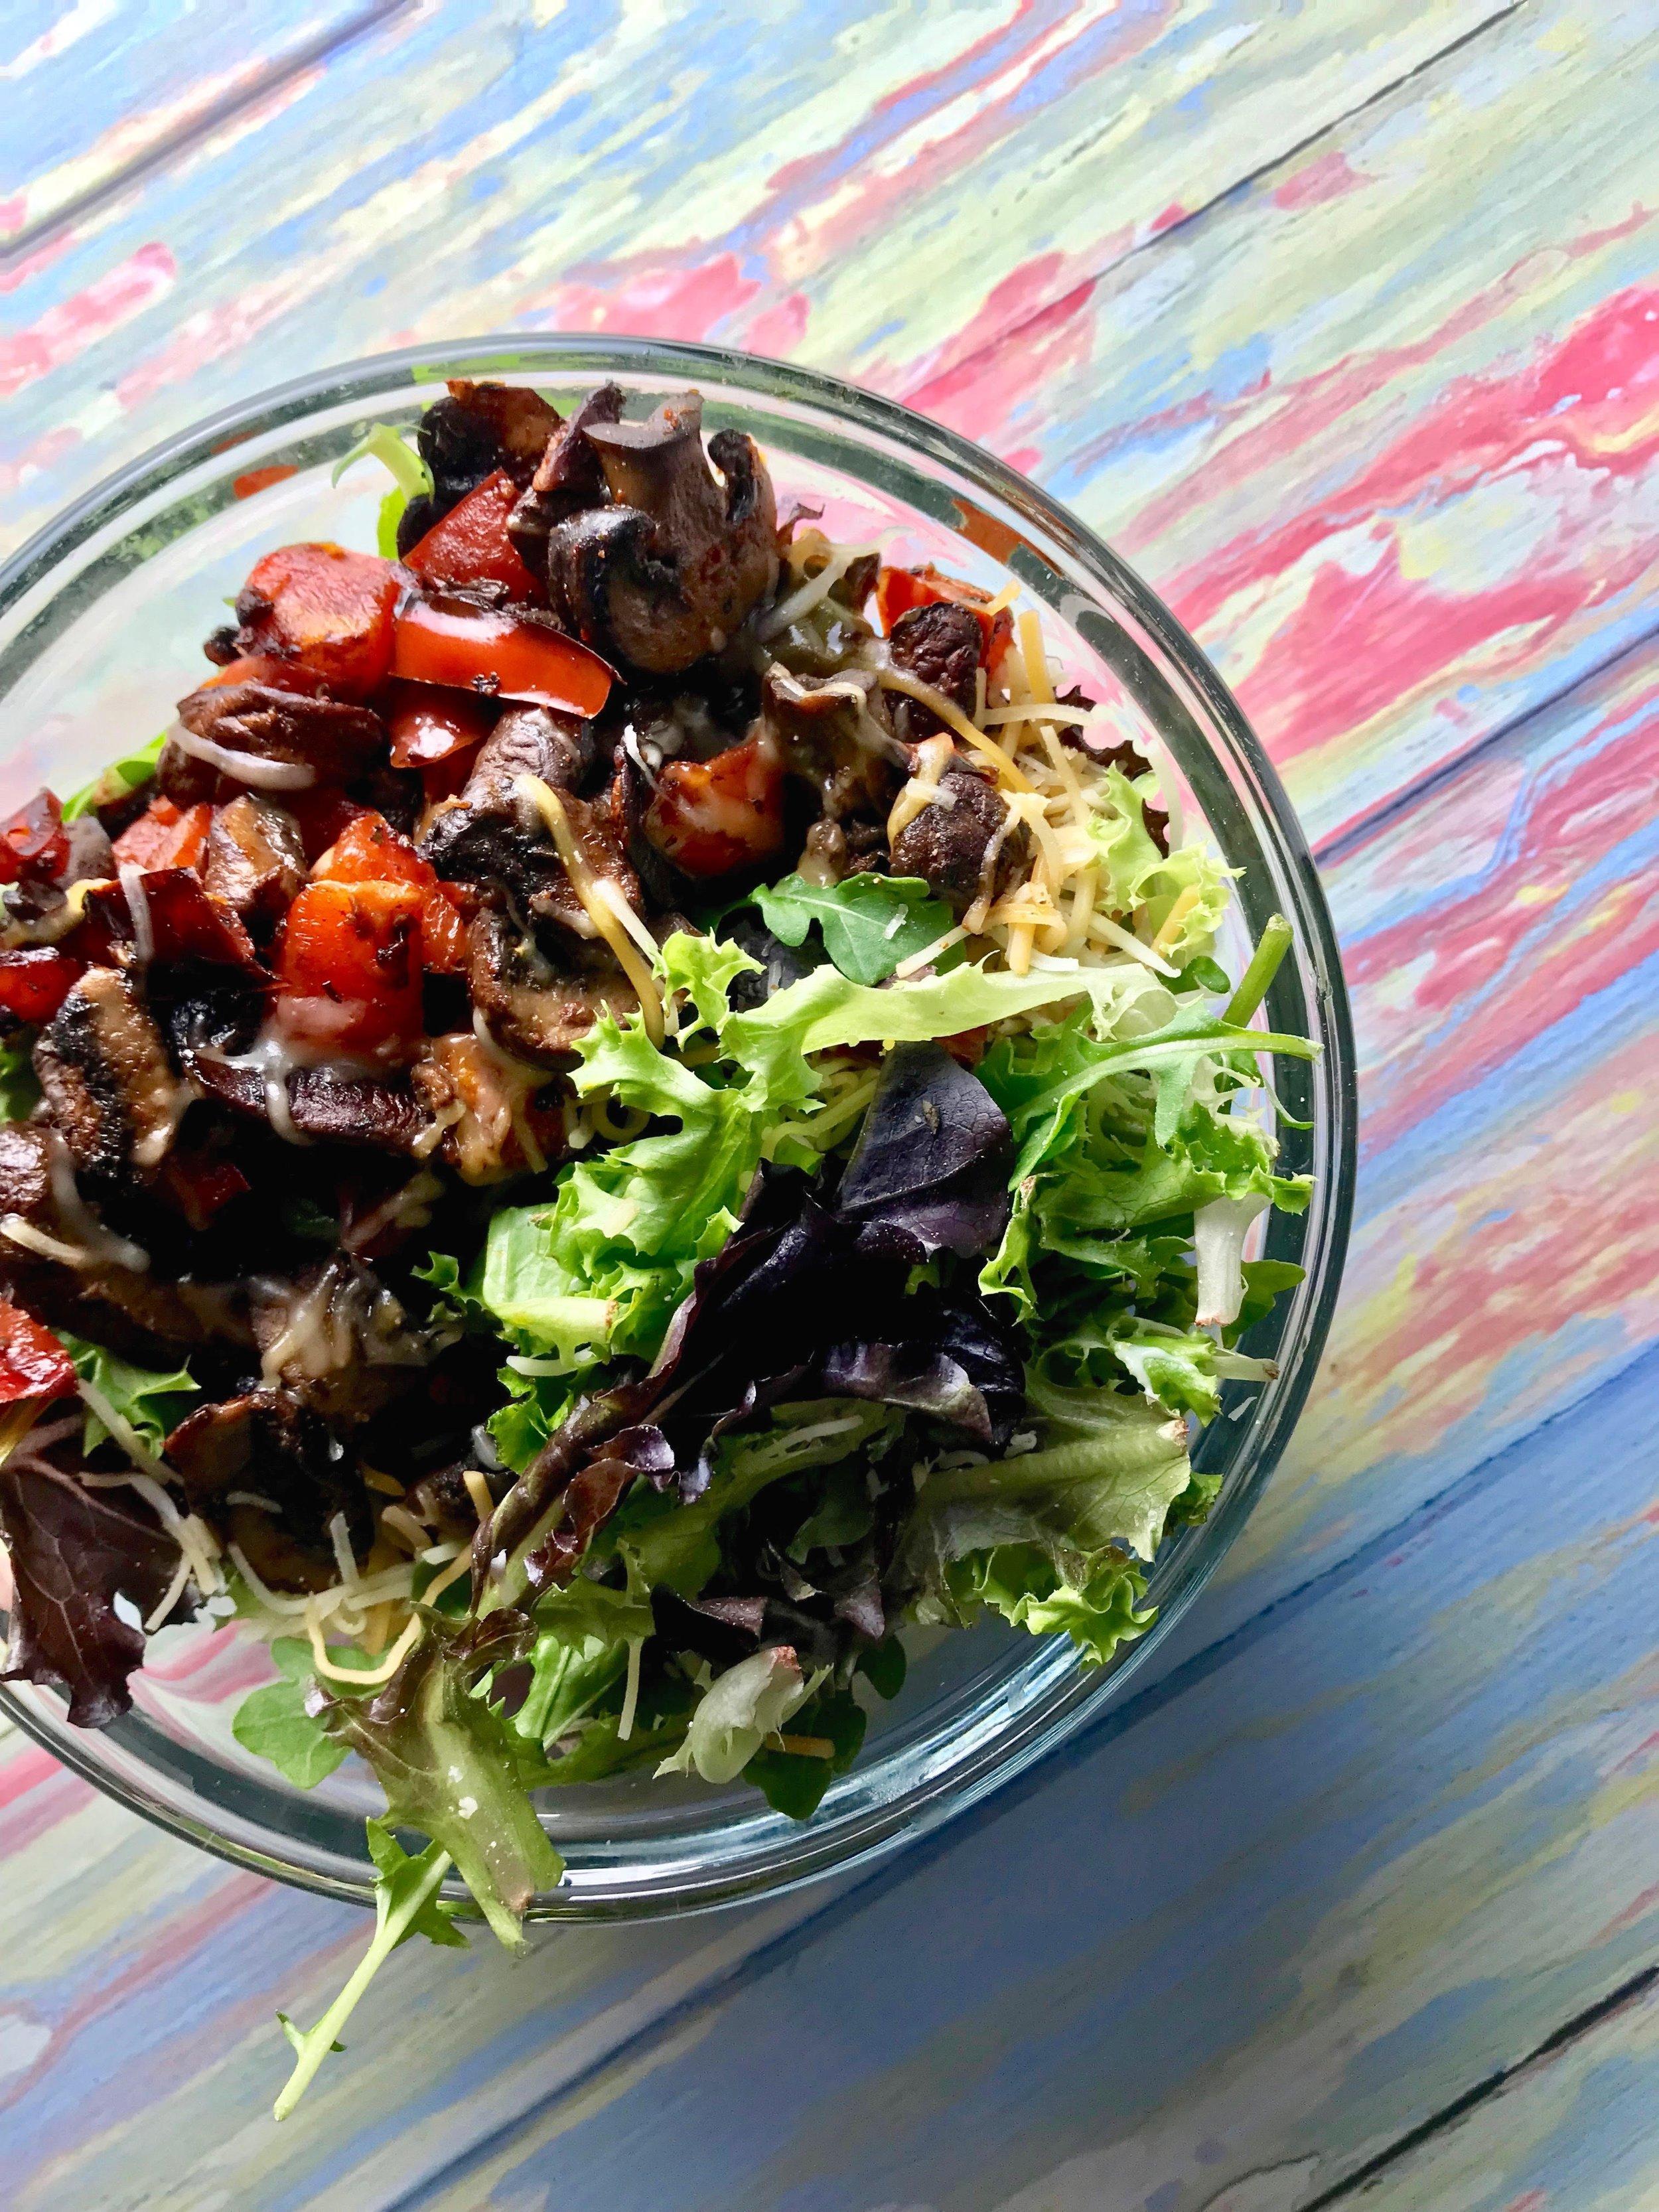 mushroom fajita salad